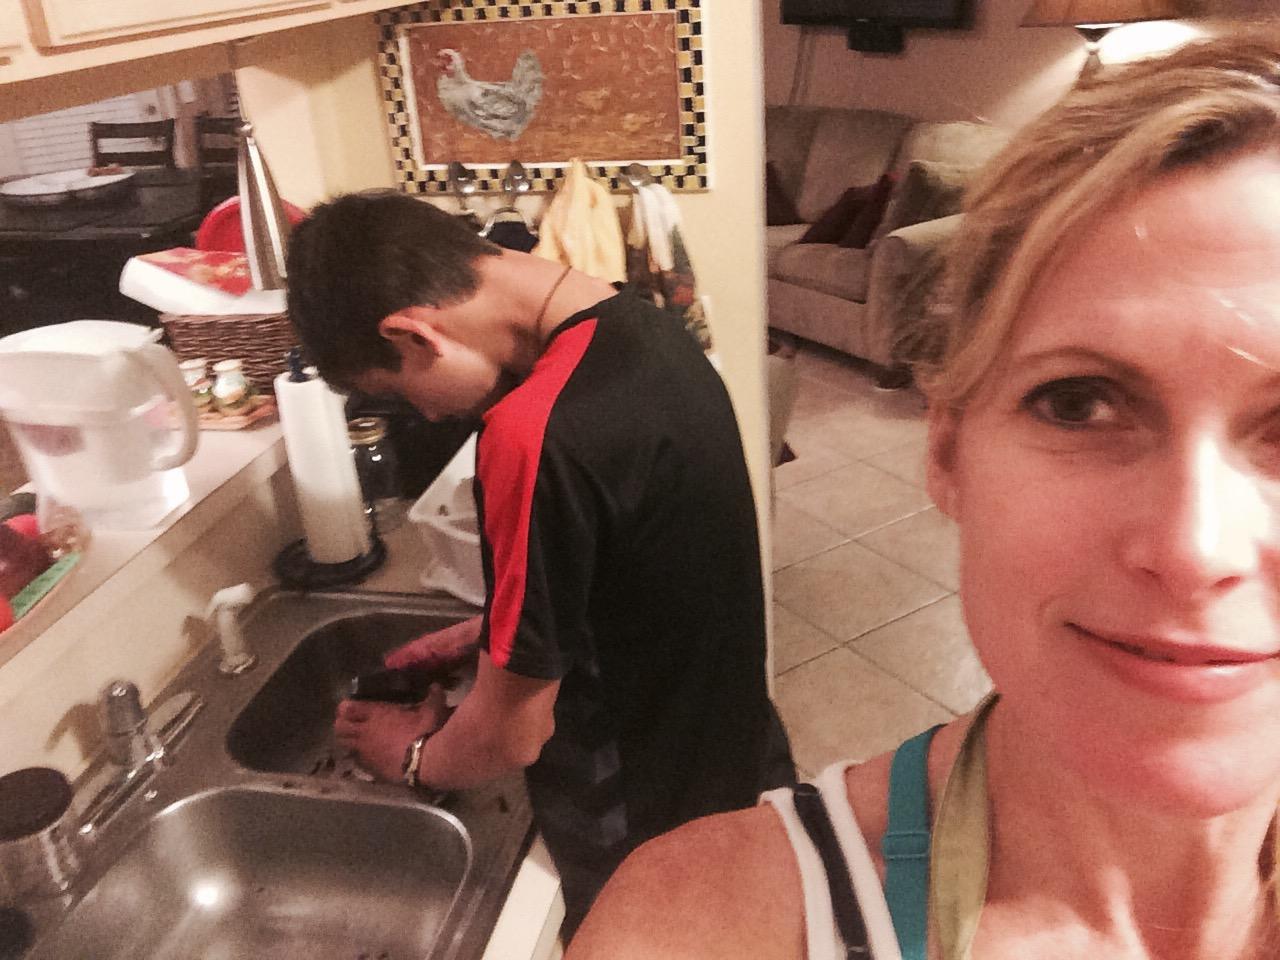 making borscht